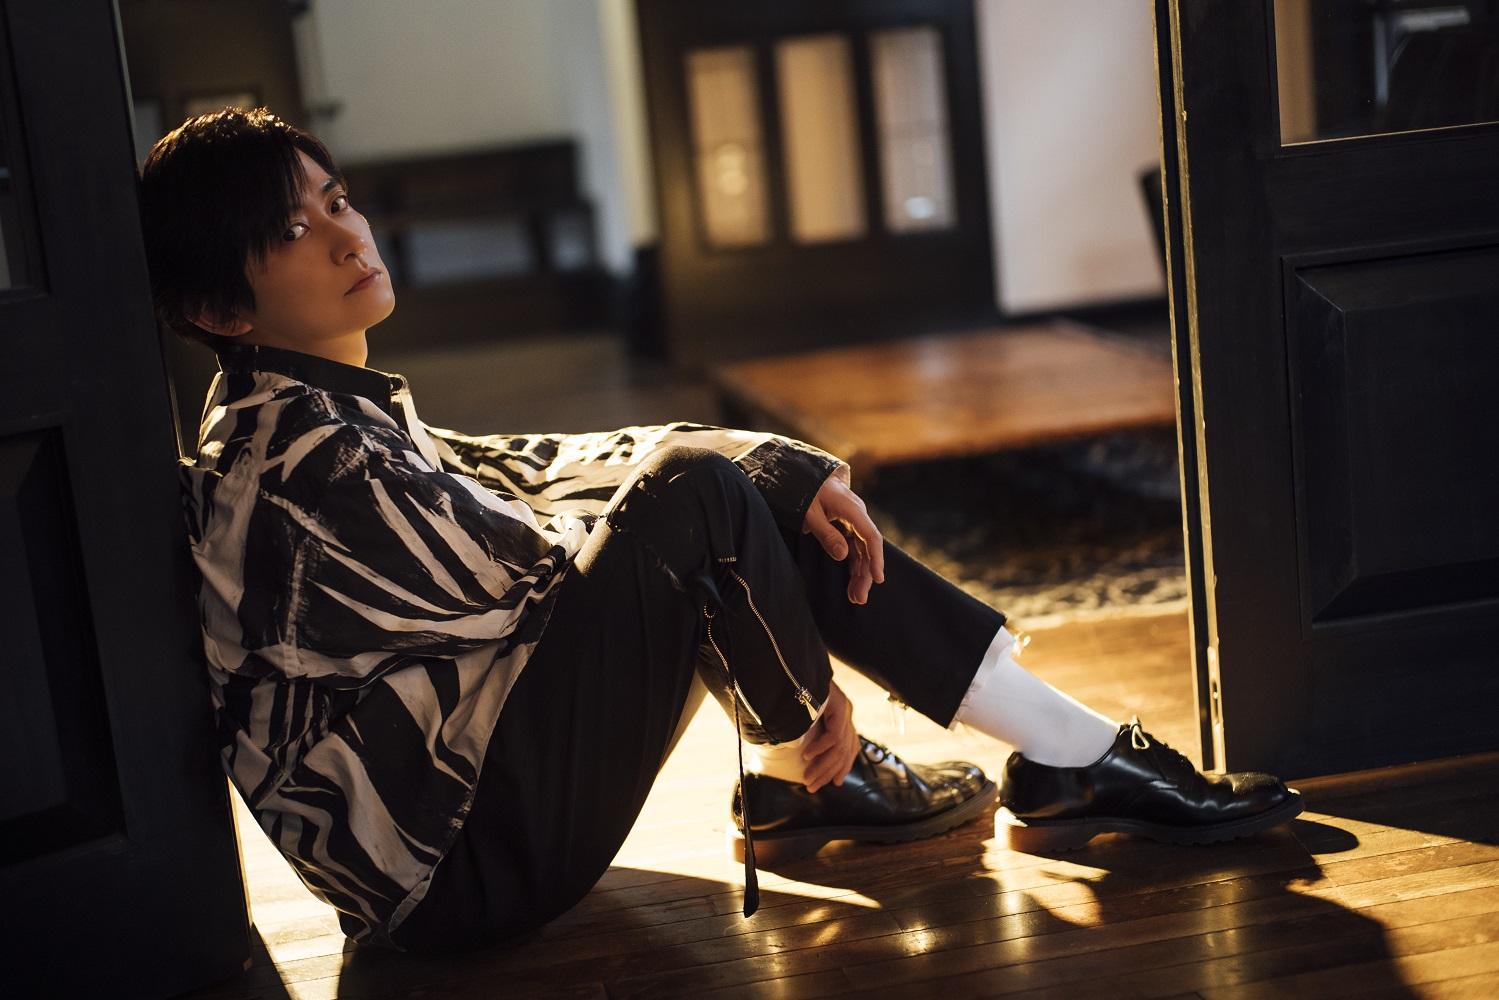 声優・下野紘さんが表紙を飾る「TVガイドVOICE STARS Dandyism」声優界のスペシャリストたちが勢ぞろい